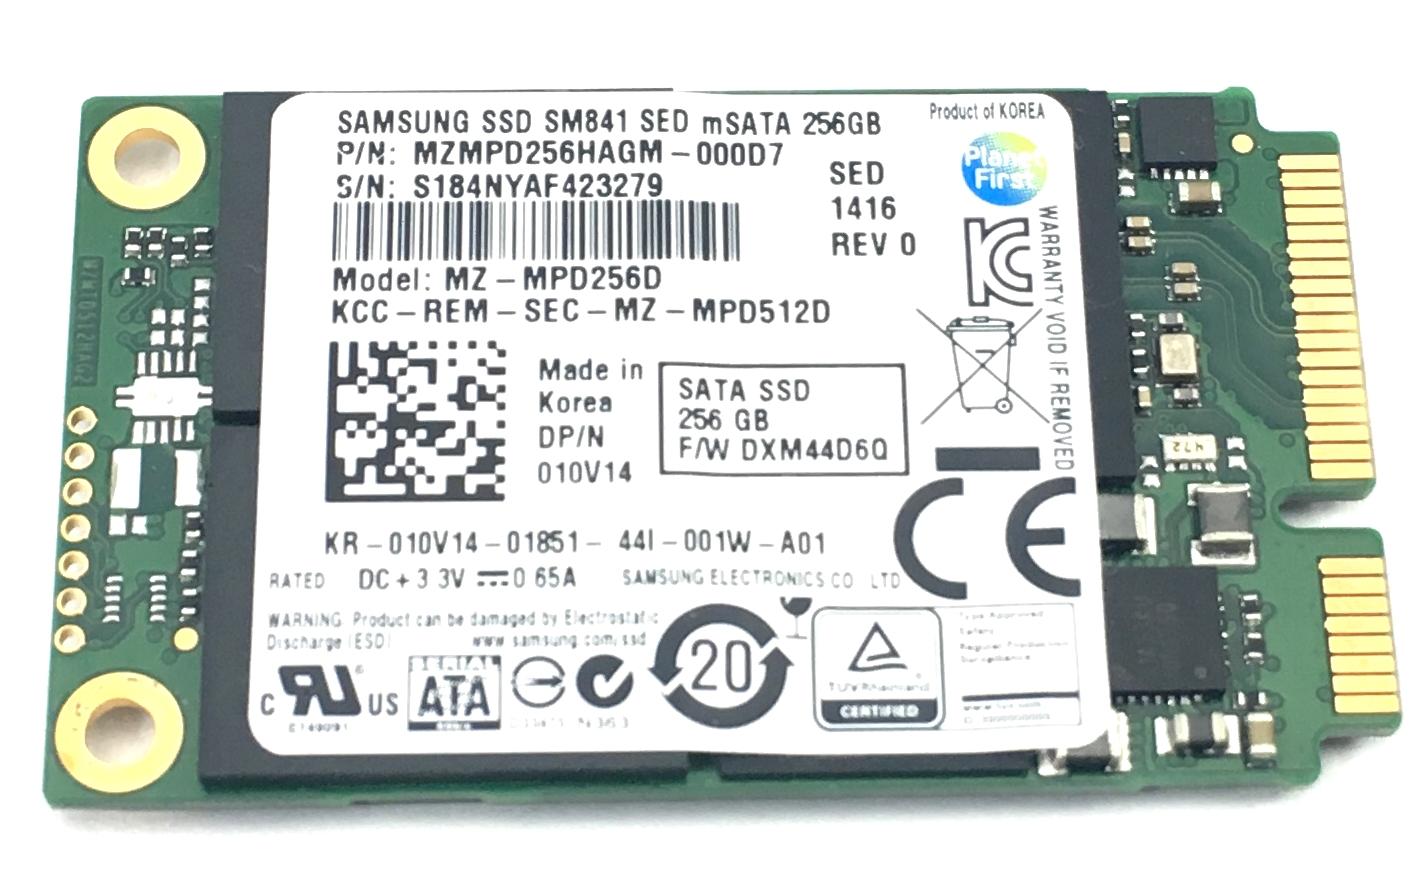 Dell Samsung SSD Sm841 256GB MSATA SED Solid State Drive (10V14)